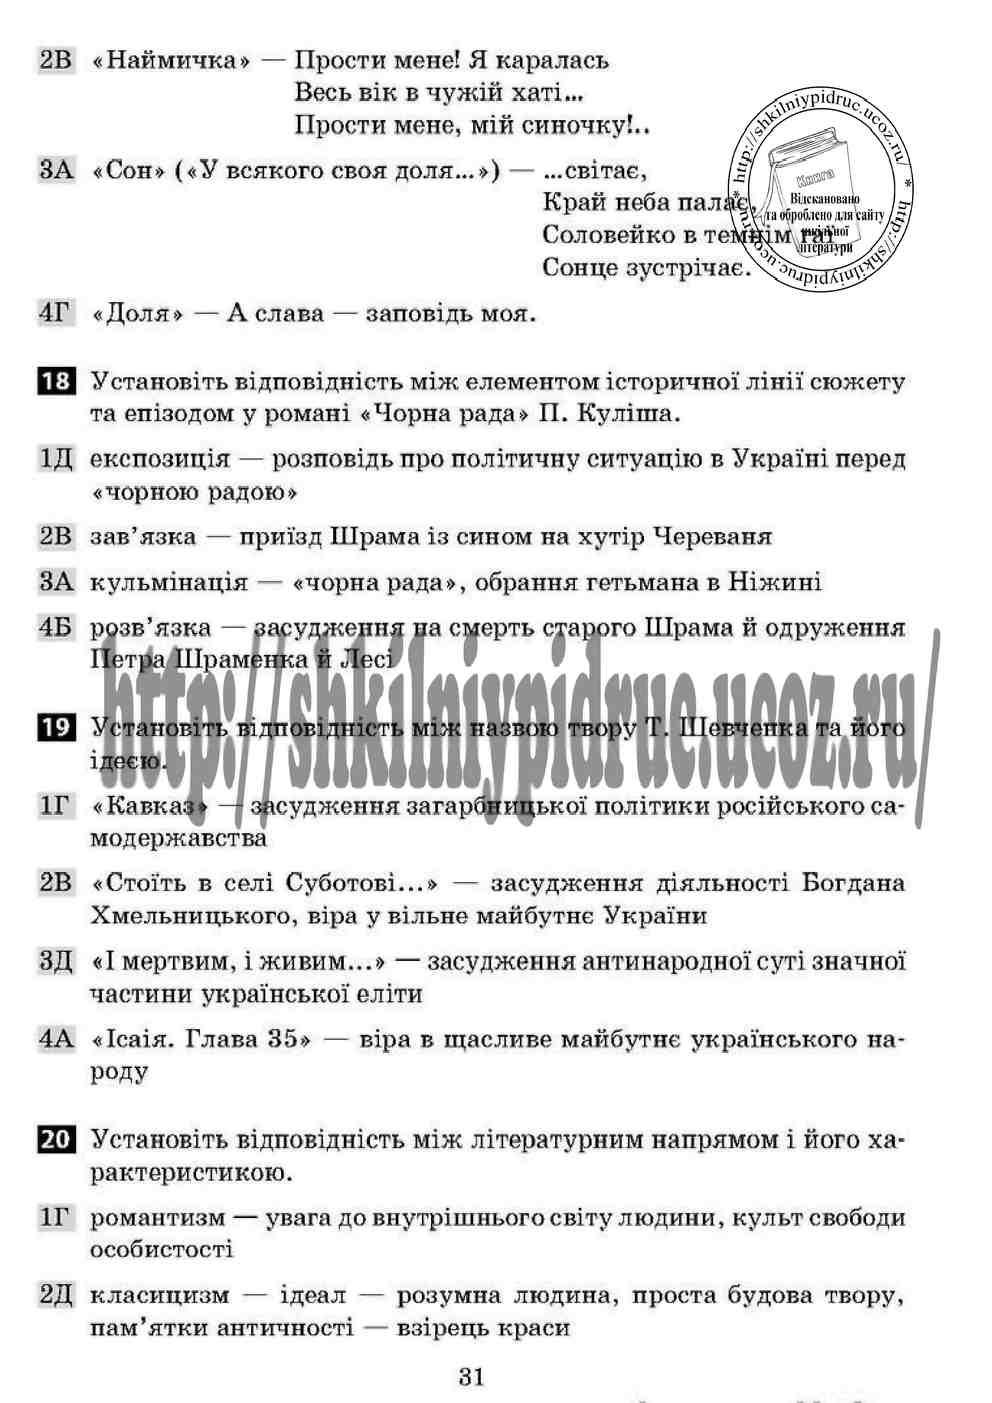 Готовые Домашние Задания 8 Класс По Украинской Литературе М.м.сулима